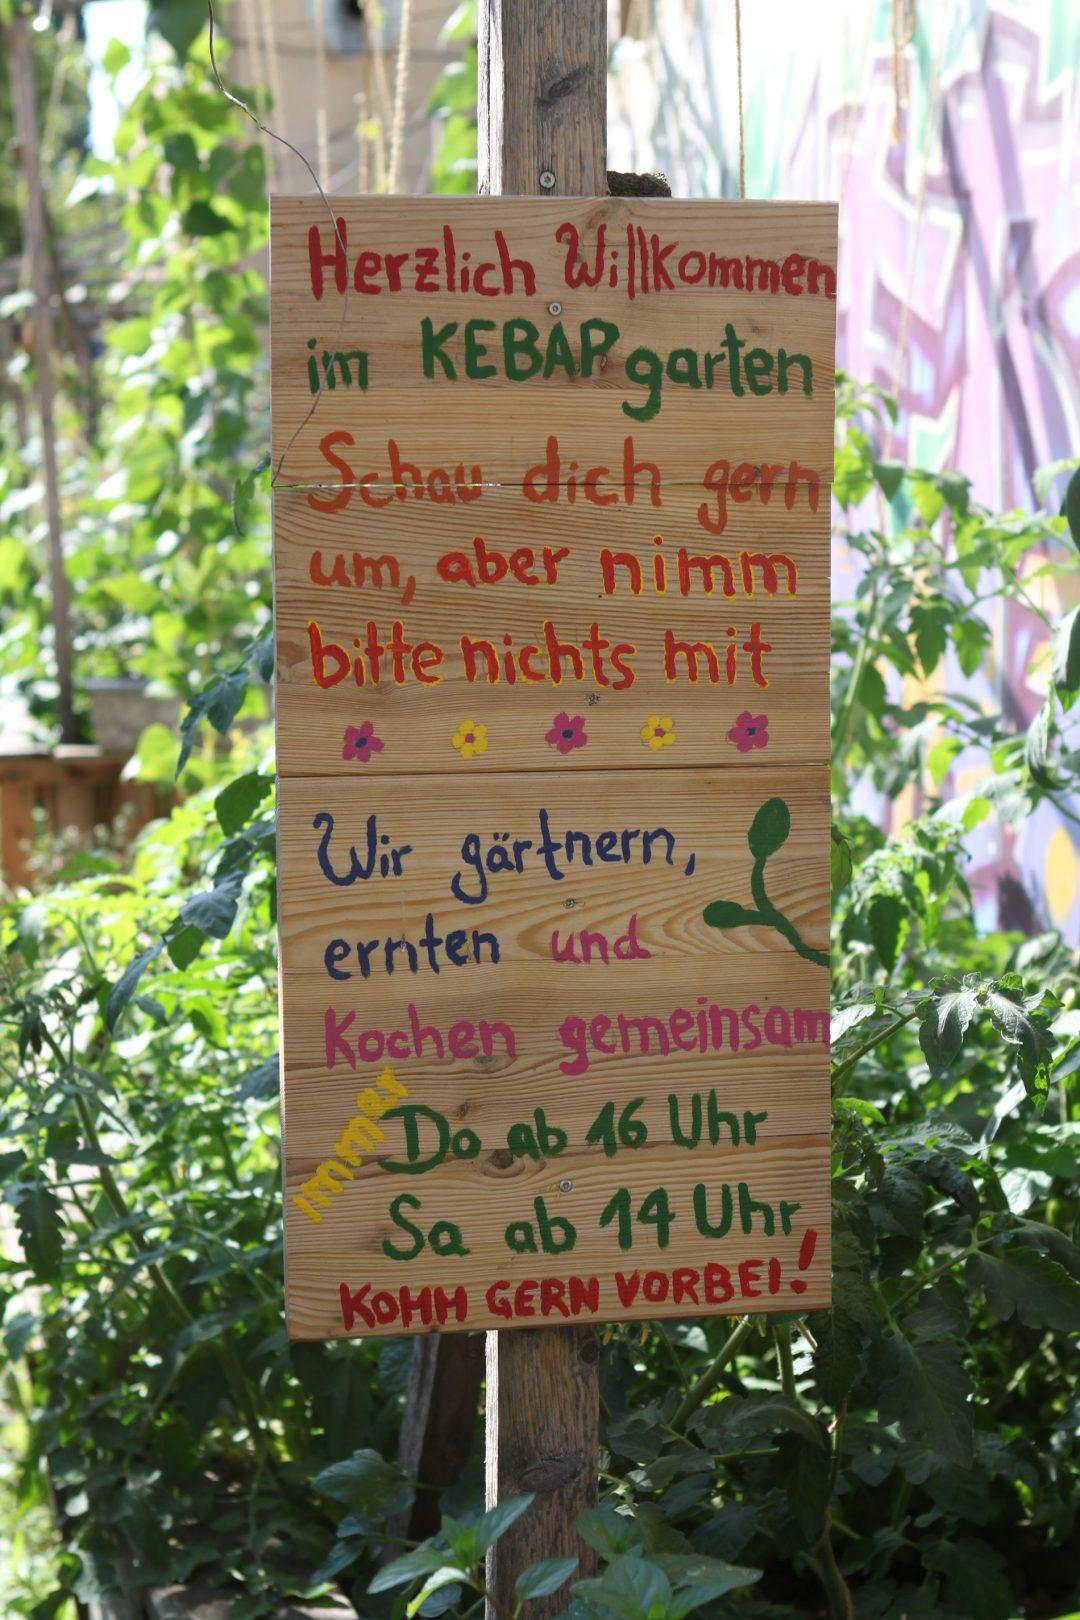 KEBAP e.V., Hamburg-Altona